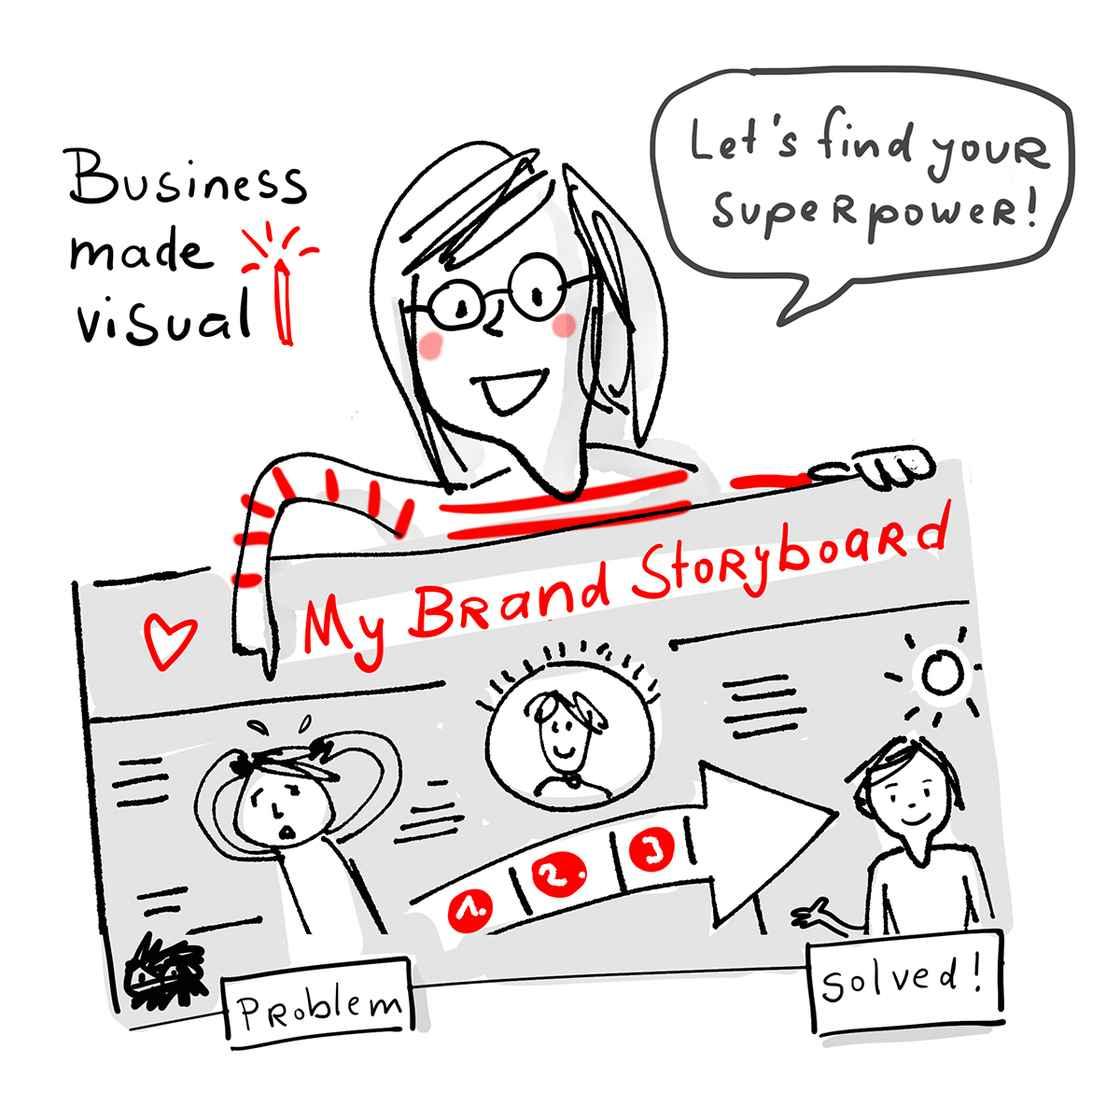 brand storyboarding